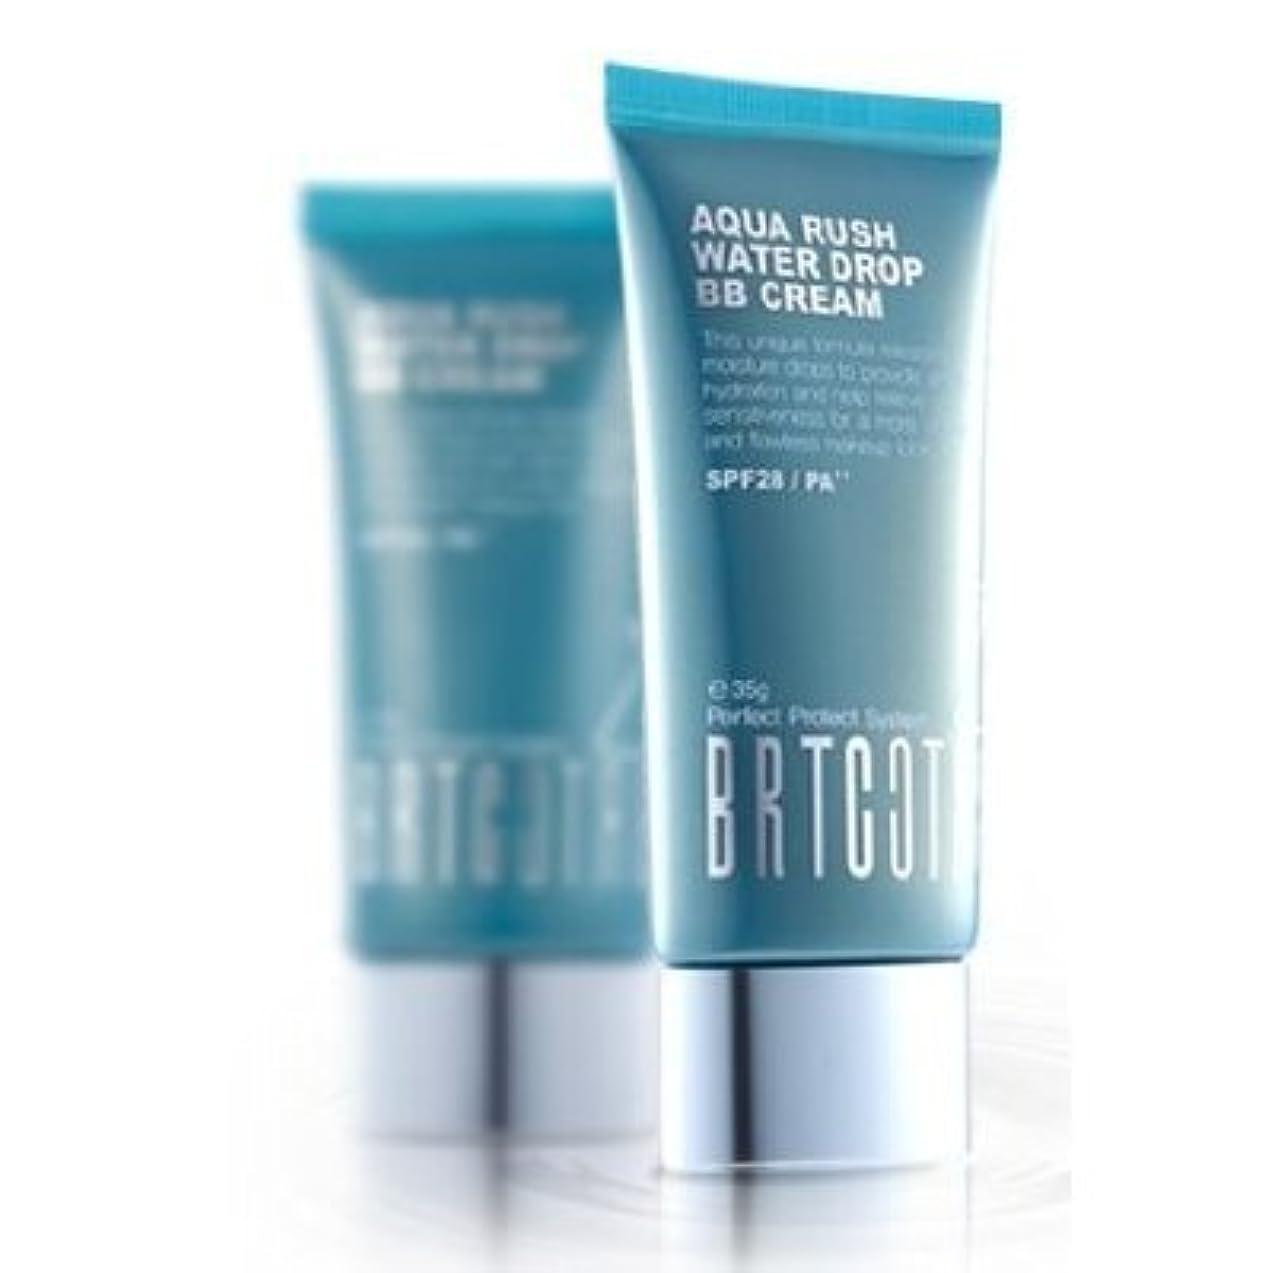 の電池一握りKOREAN COSMETICS, BRTC, Aqua Rush Water Drop BB Cream 60g (intensive moisturizing, skin tone correction, UV protection...